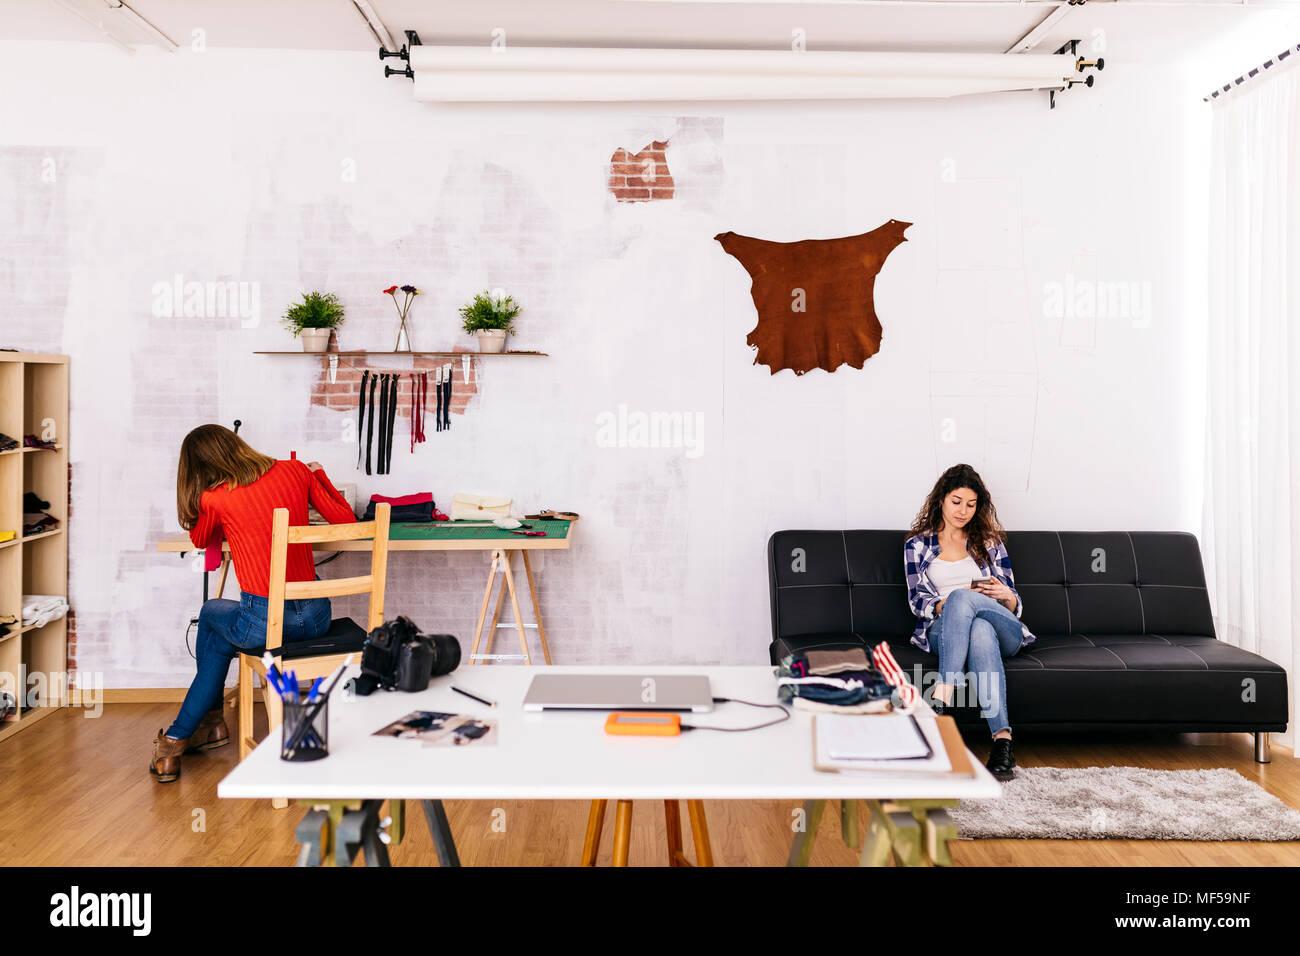 Deux femmes de la mode studio à l'aide de machine à coudre et cell phone Photo Stock